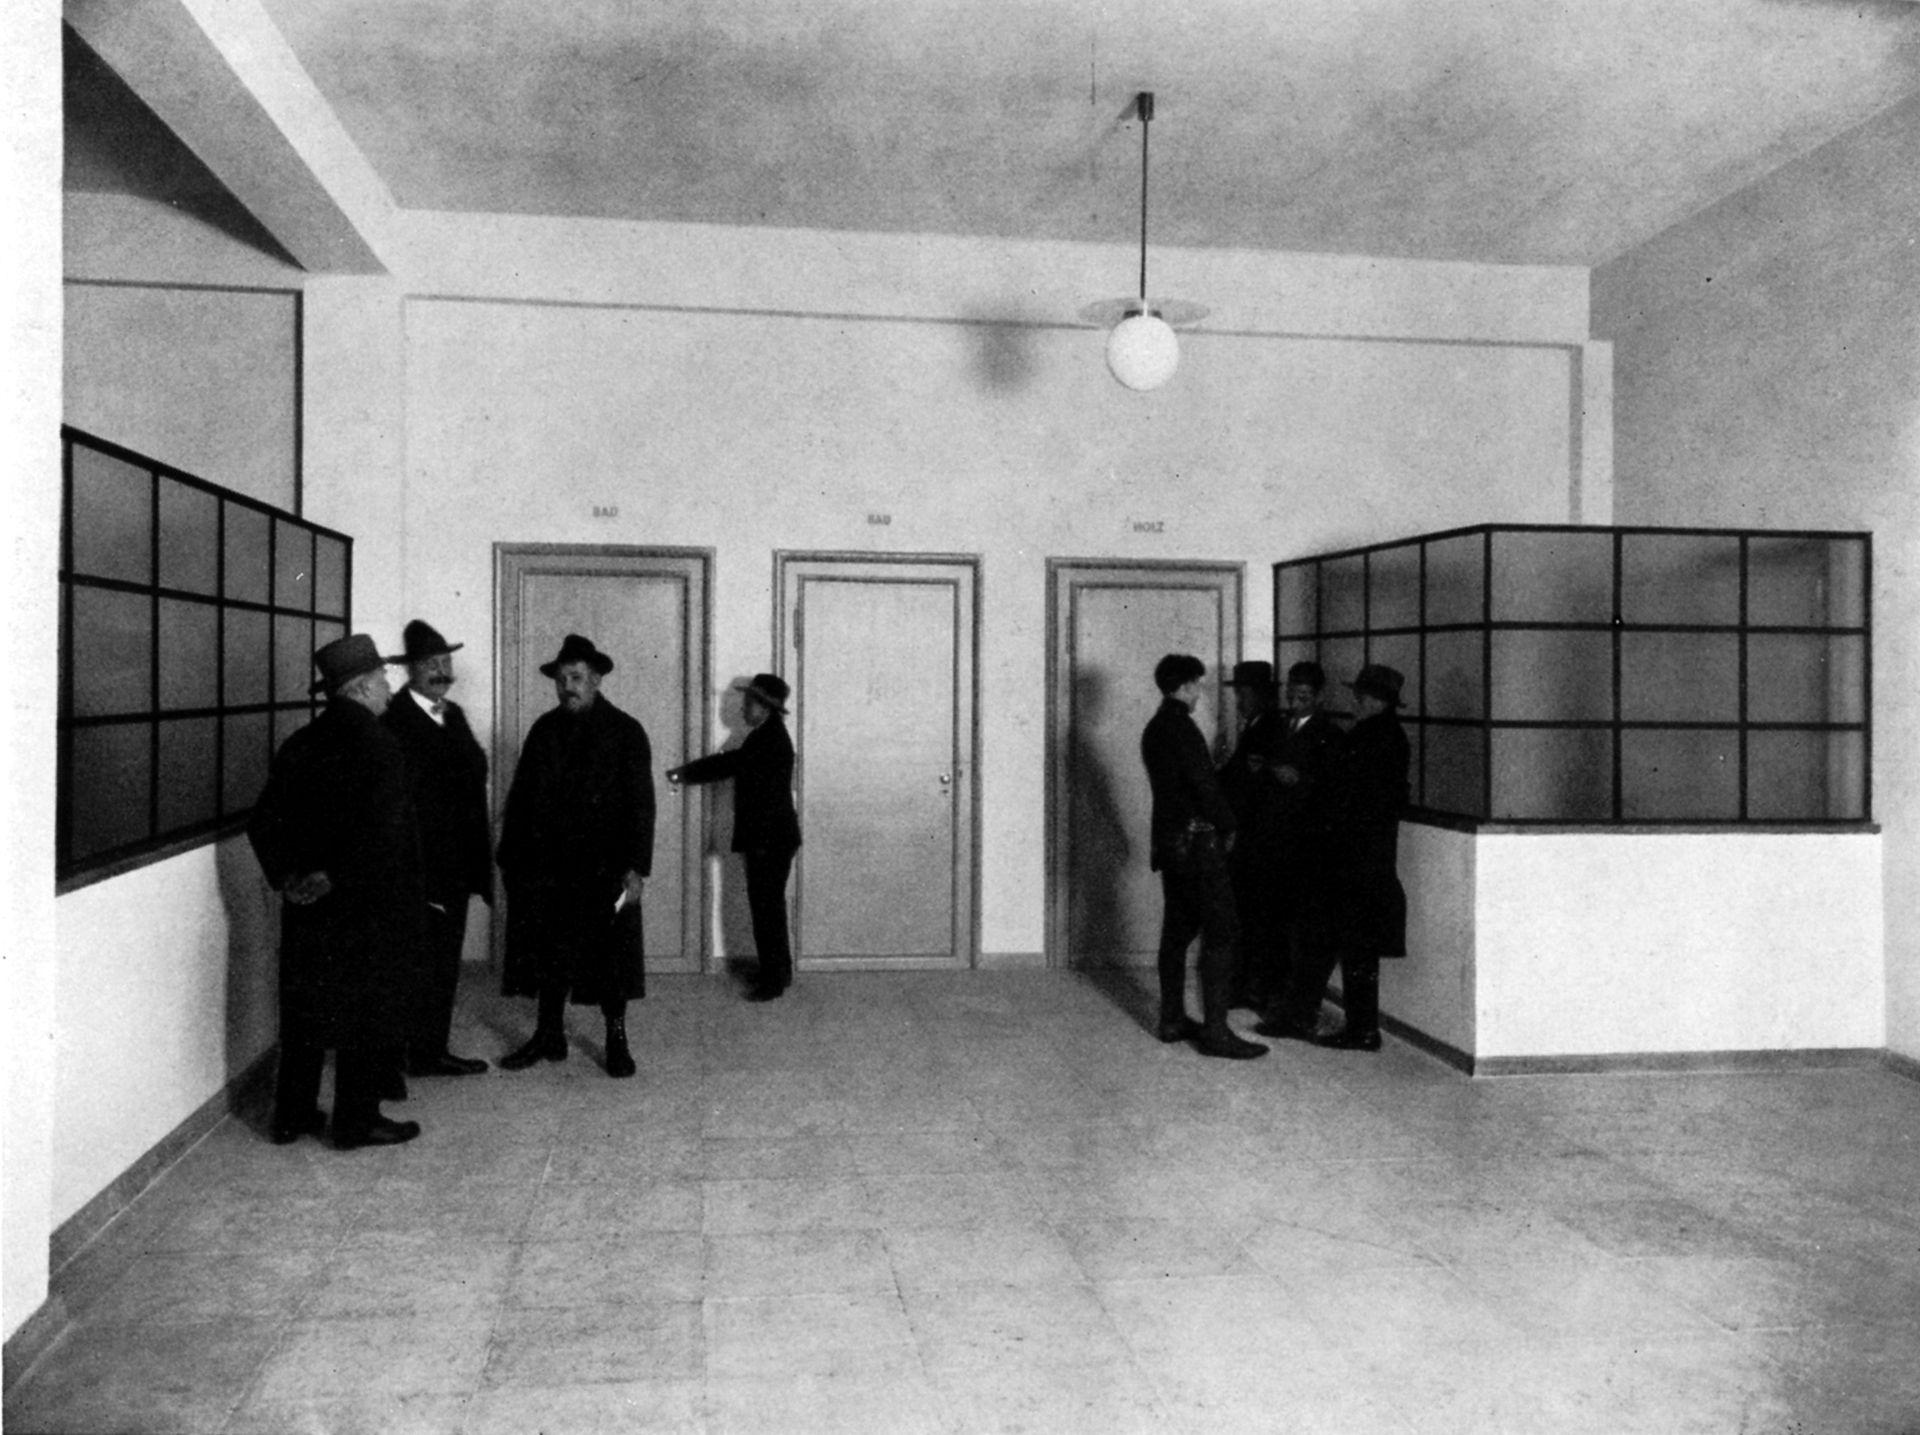 """Job Center Waiting hall on the ground floor / photo from: """"Otto Ernst Schweizer"""", F. E. Hübsch Verlag"""